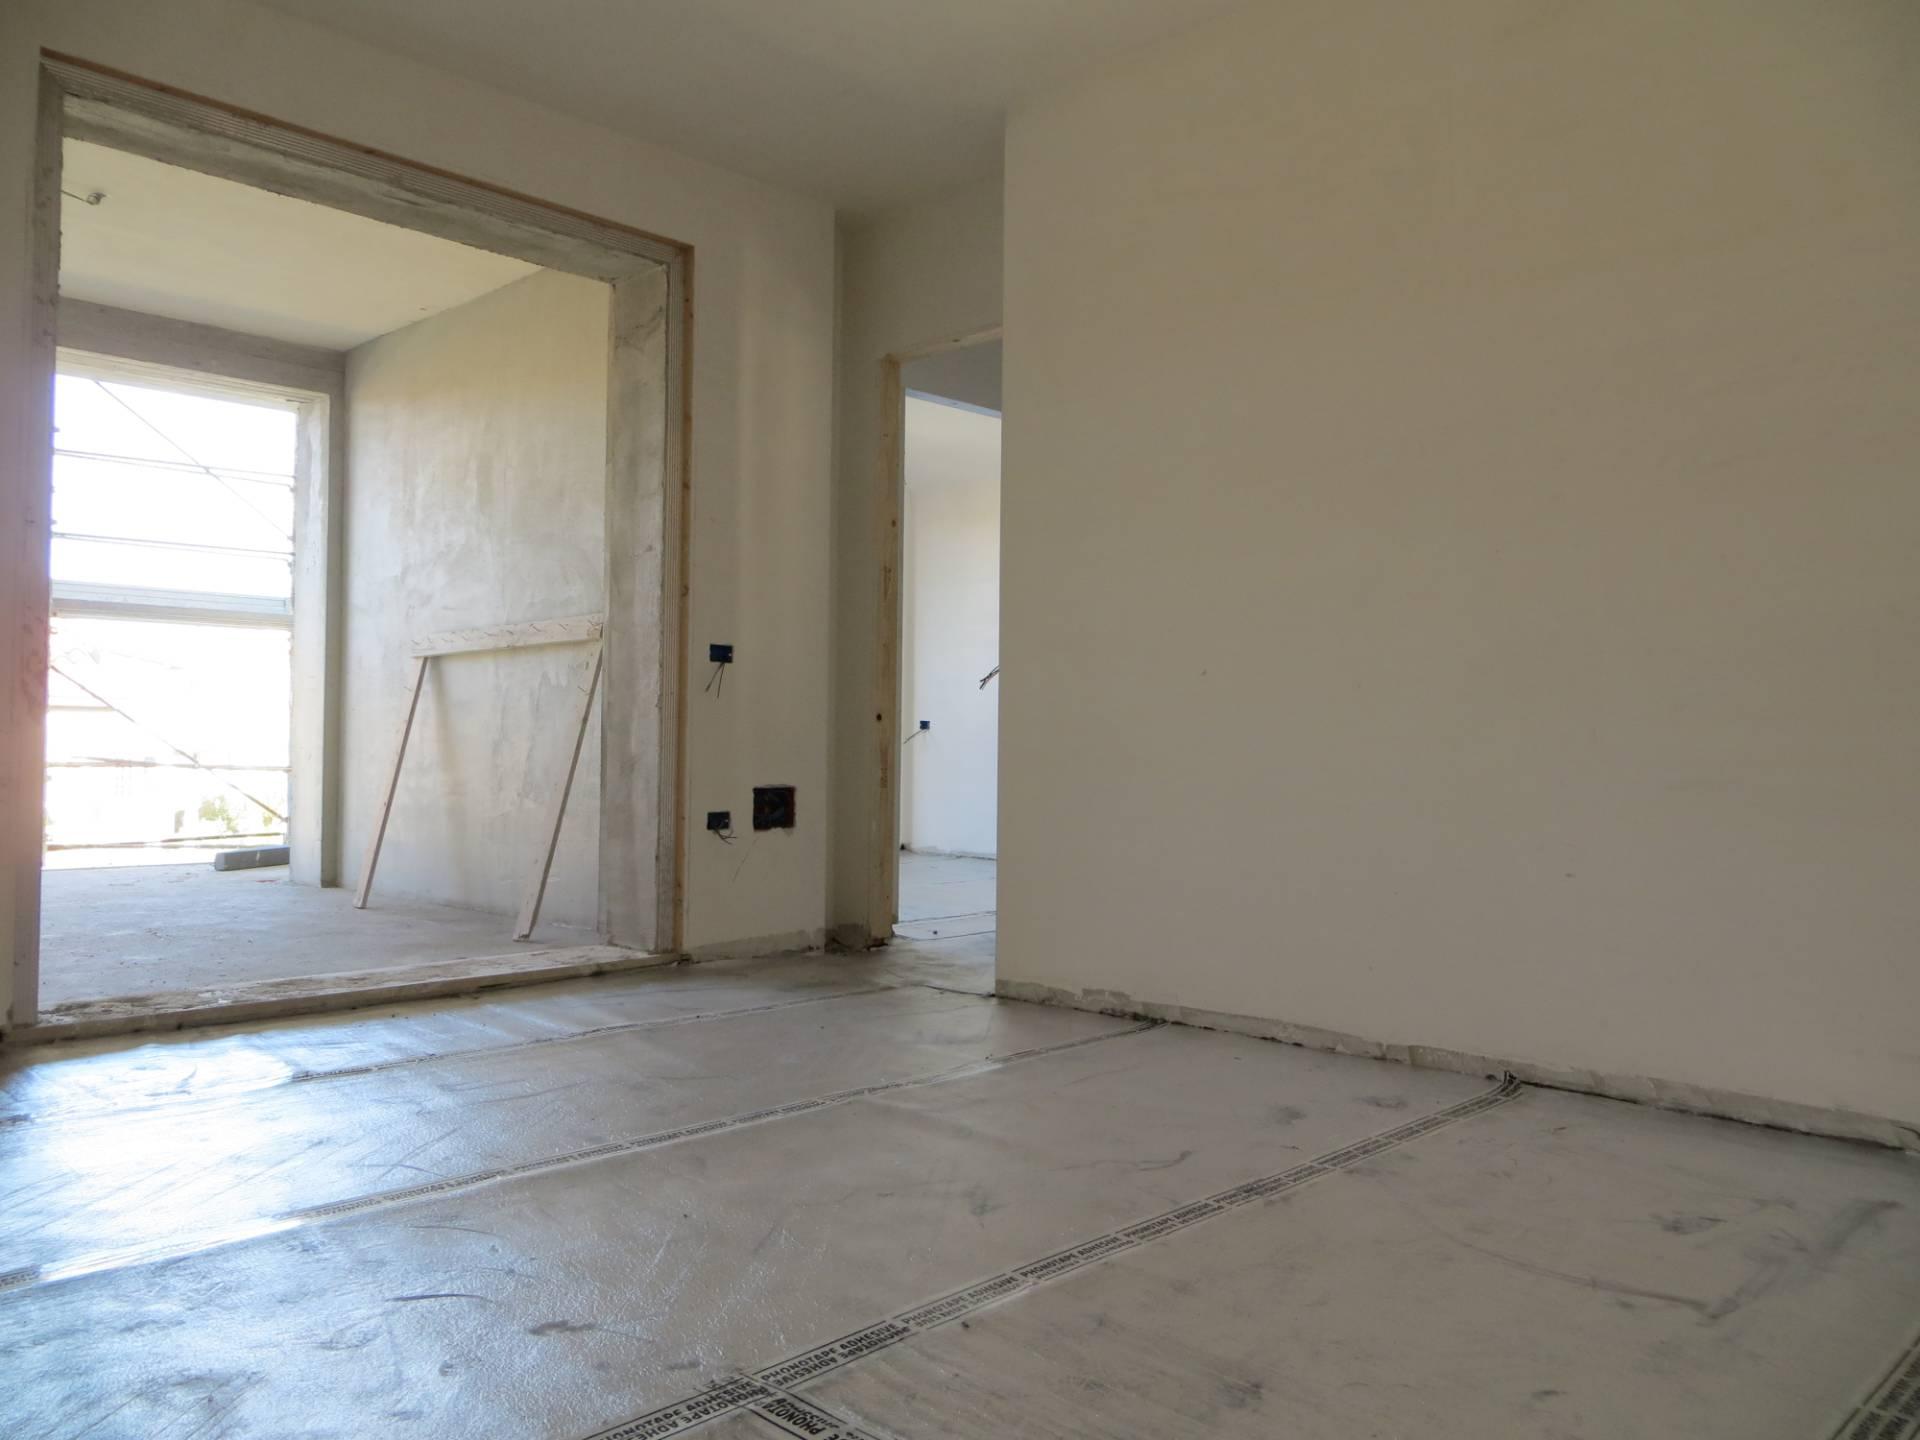 Appartamento in vendita a Tortoreto, 3 locali, zona Località: TortoretoLido, prezzo € 137.000 | PortaleAgenzieImmobiliari.it